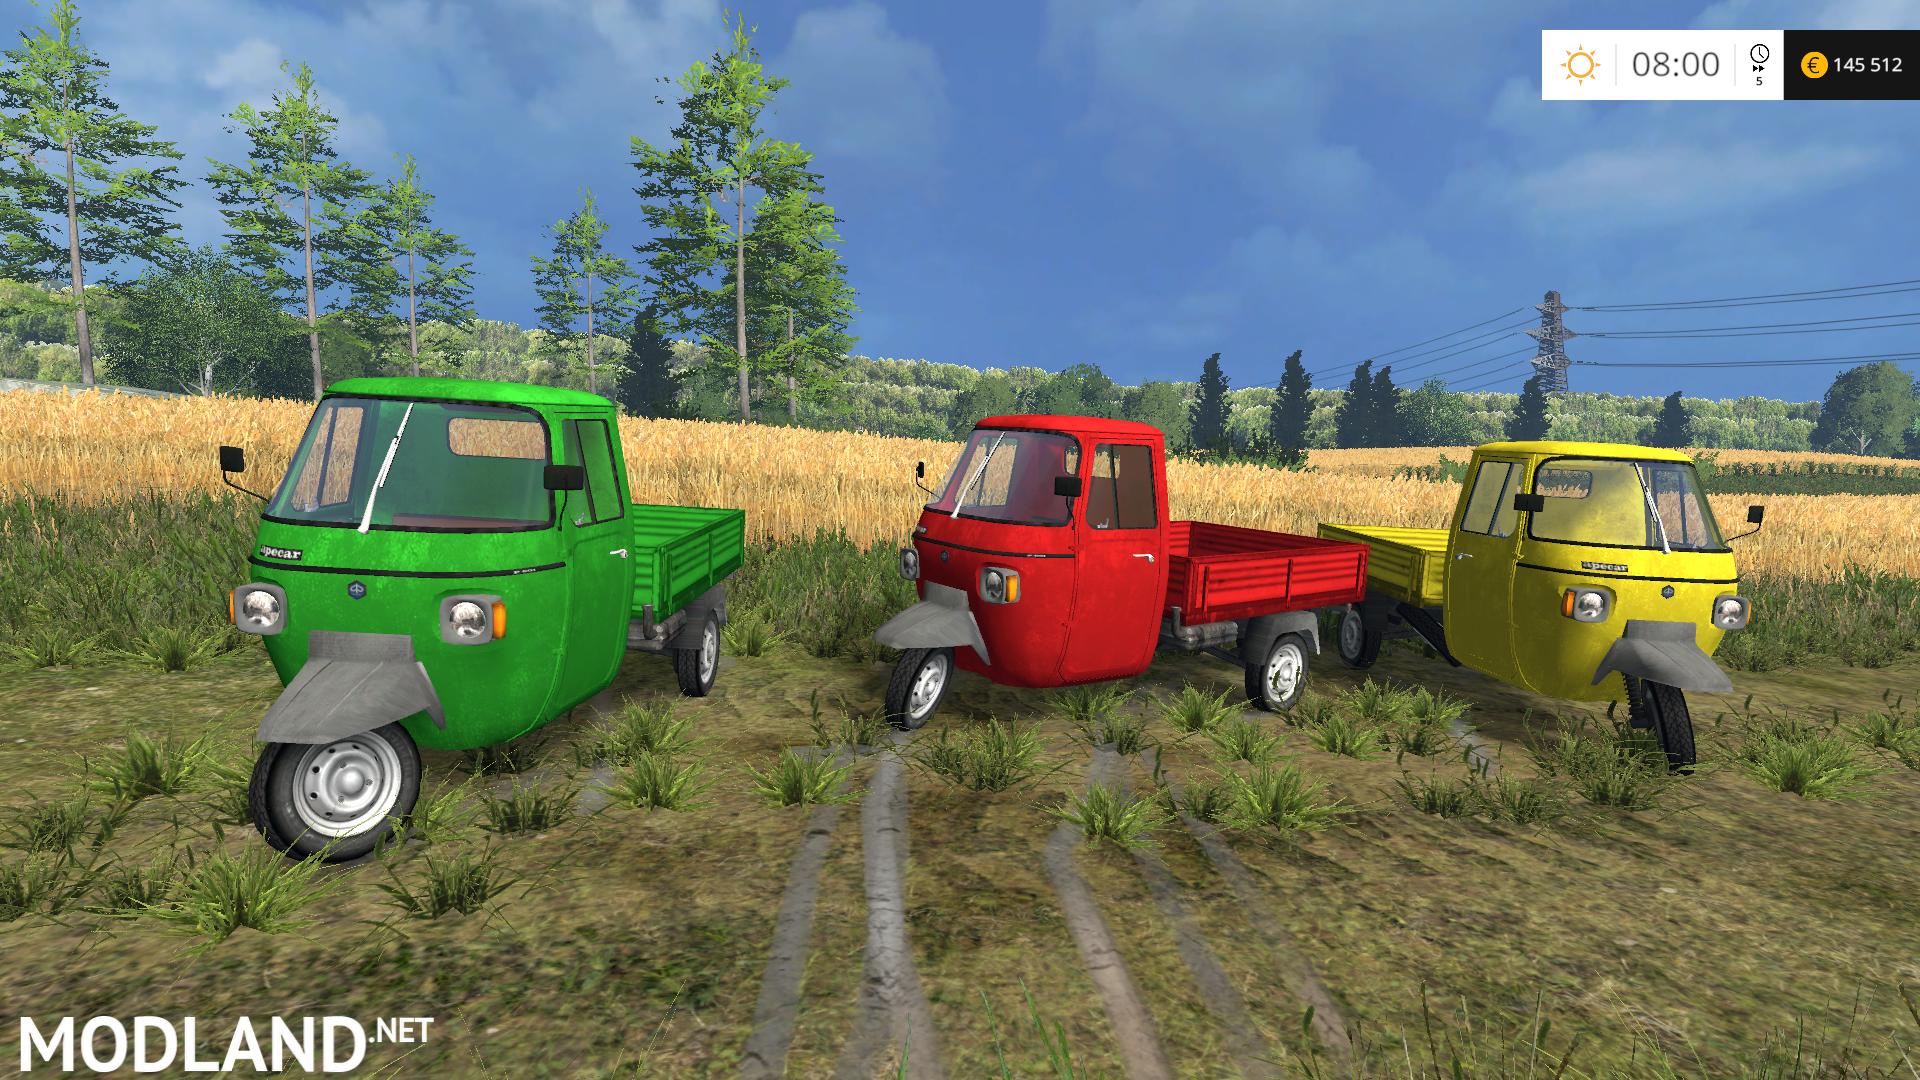 Piaggio Ape P601 Upk V 1 0 Mod For Farming Simulator 2015